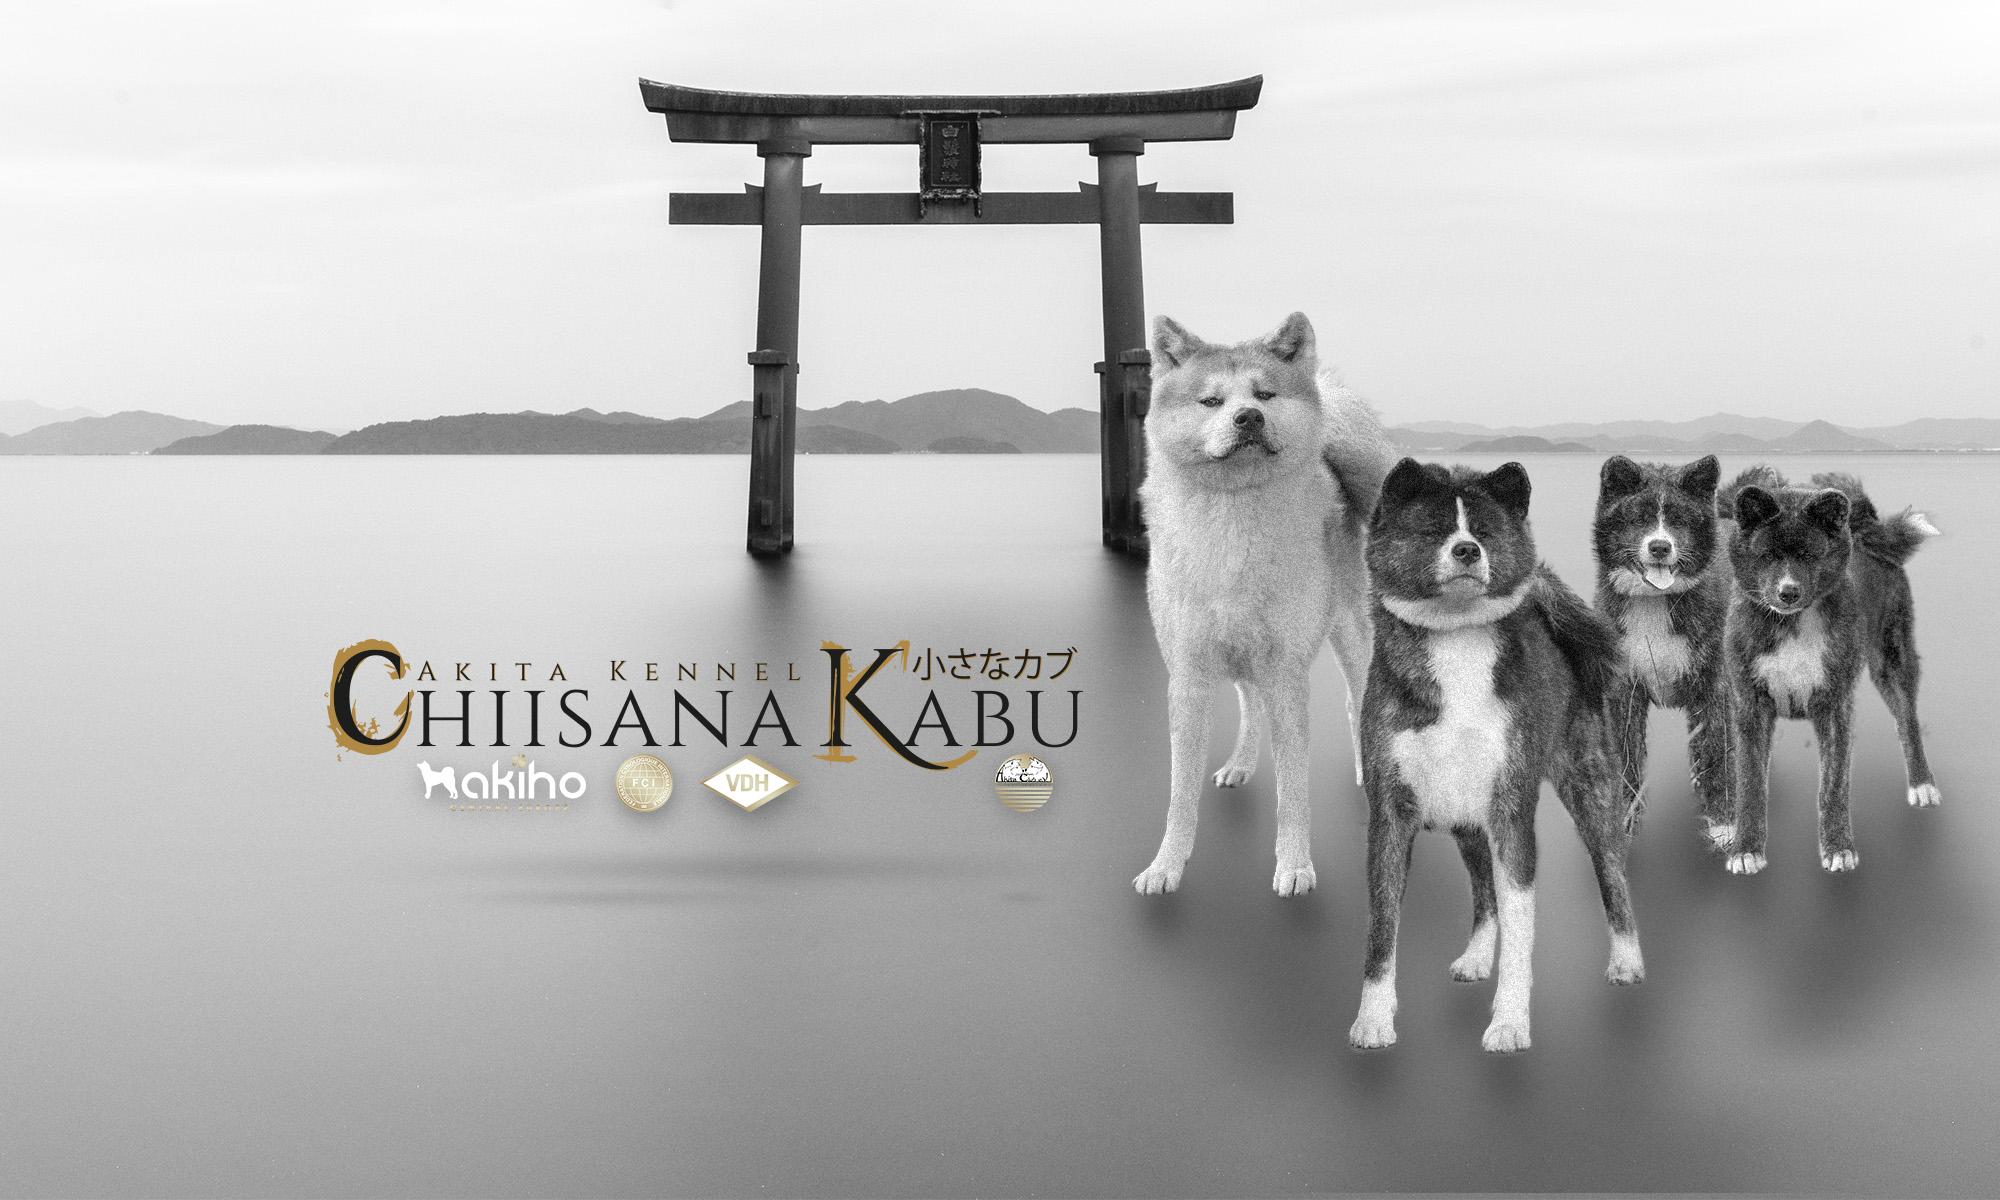 Chiisana Kabu